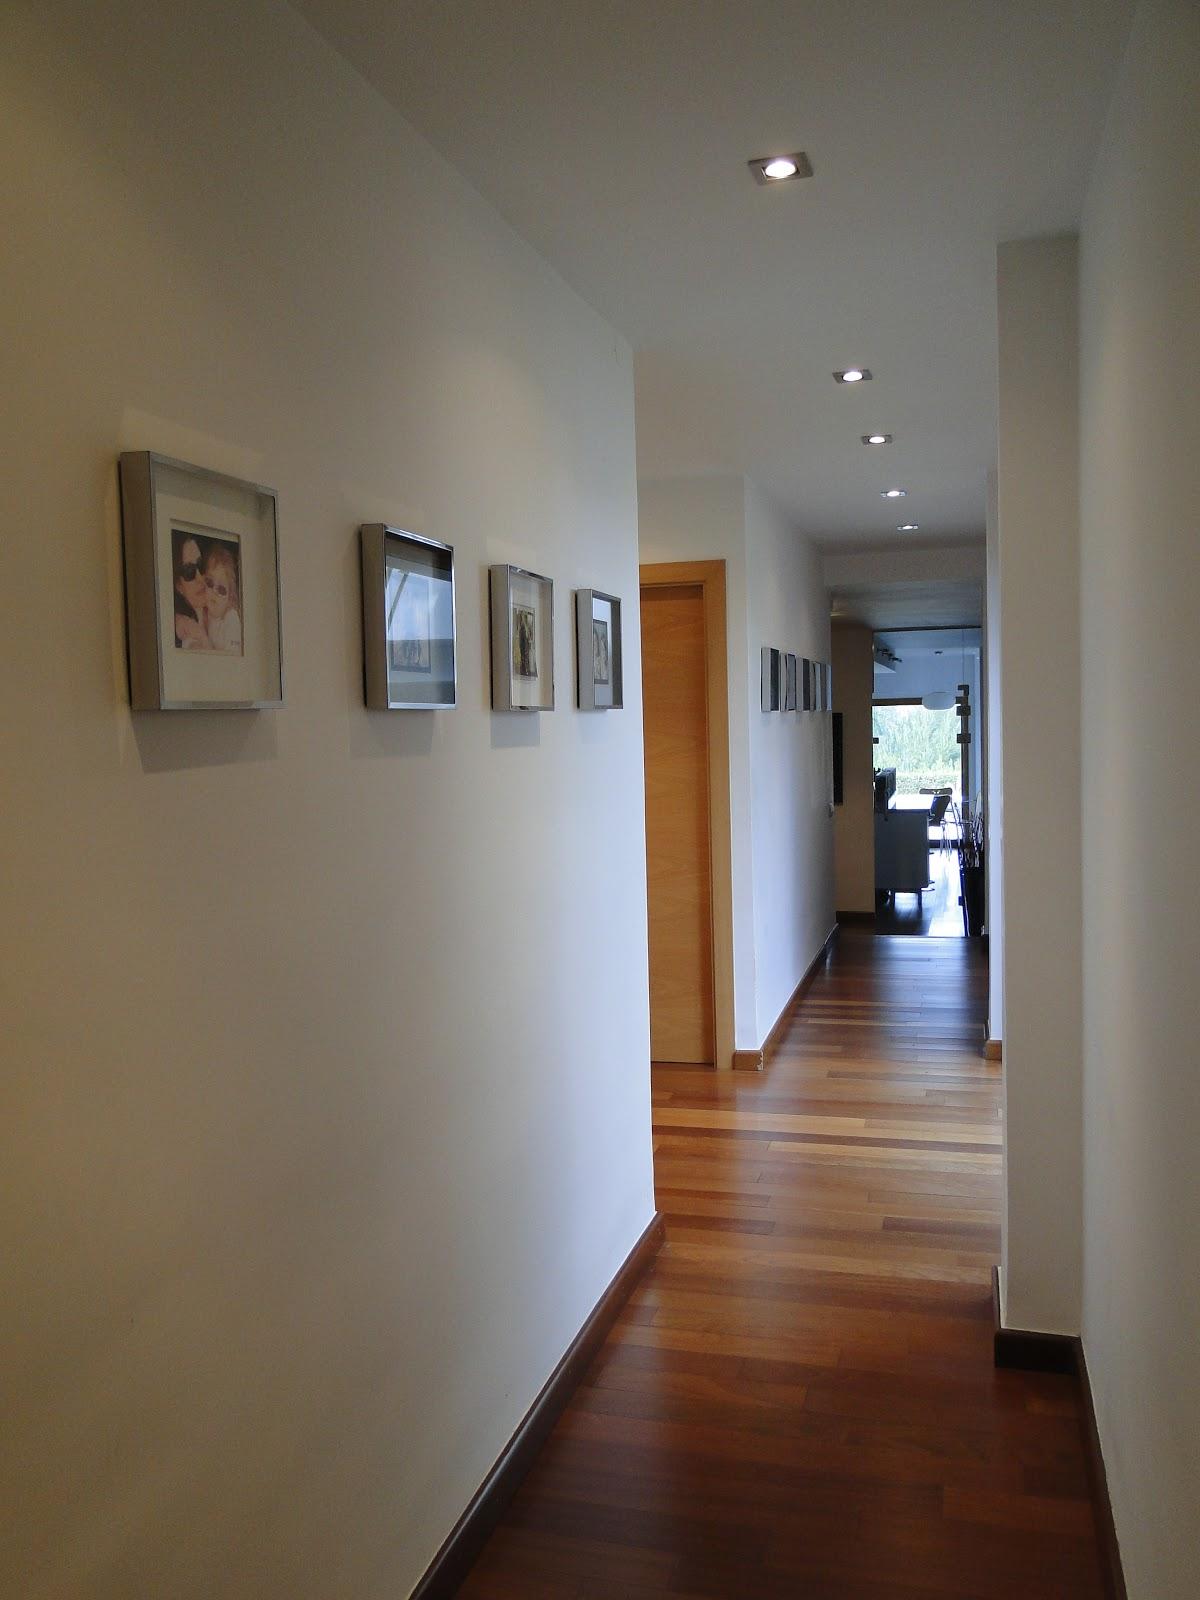 Planos low cost pasillo con luz natural - Pasillos largos y estrechos ...